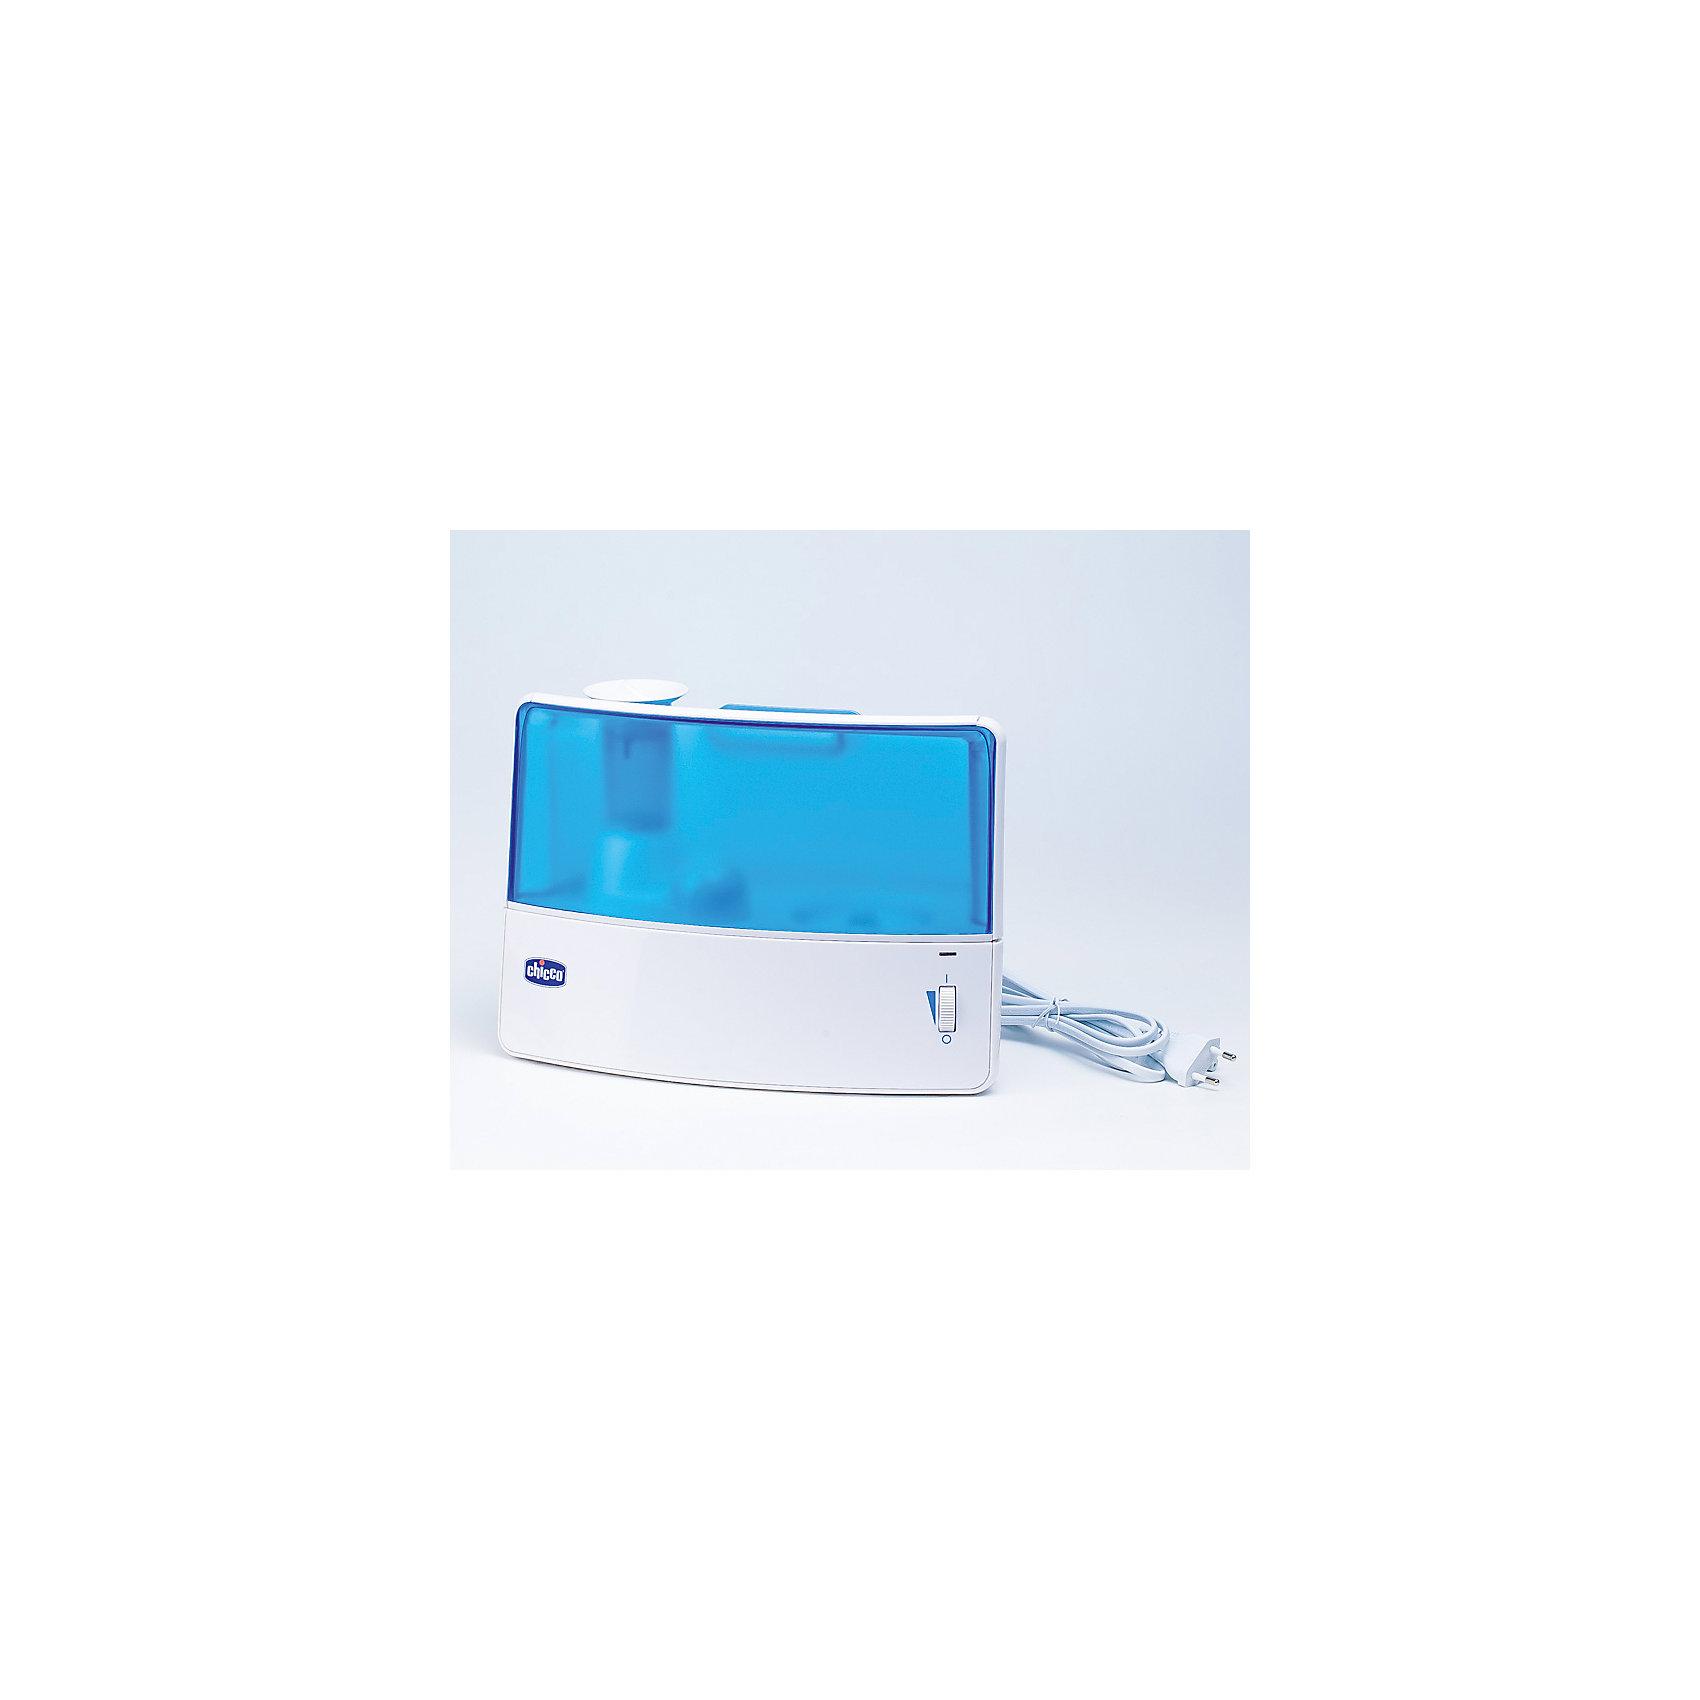 Увлажнитель воздуха COMFORT NEB, холодный пар, ChiccoДетская бытовая техника<br>Характеристики:<br><br>• уровень влажности: 40-60%<br>• холодный пар;<br>• потребляемая мощность: 25 Вт;<br>• контейнер для воды: 2,5 л;<br>• время работы в автономном режиме: 12 часов;<br>• тип прибора: непрерывного действия;<br>• работа от сети: 110-240 В - 50-60 Гц;<br>• частота ультразвукового преобразователя: 2,45 MГц;<br>• функция автоматического отключения при недостаточном уровне воды;<br>• двойная изоляция;<br>• особенности прибора: работает бесшумно;<br>• материл: 100% полипропилен;<br>• размер прибора: 29,9х14,7х21,6 см;<br>• вес прибора: 1,15 кг;<br>• размер упаковки32х26,5х18,5 см: <br>• вес в упаковке: 1,236 кг.<br><br>Увлажнитель воздуха используется для поддержки оптимального уровня влажности в помещении и создания здоровой атмосферы в детской комнате. Специальный резервуар наполняется чистой водой. Предусмотрена система автоотключения при недостаточном количестве воды.    <br><br>Комплектация набора Chicco:<br><br>• увлажнитель воздуха Comfort Neb;<br>• шнур питания;<br>• руководство пользователя.<br><br>Увлажнитель воздуха COMFORT NEB, холодный пар, Chicco можно купить в нашем интернет-магазине.<br><br>Ширина мм: 320<br>Глубина мм: 265<br>Высота мм: 185<br>Вес г: 1236<br>Возраст от месяцев: -2147483648<br>Возраст до месяцев: 2147483647<br>Пол: Унисекс<br>Возраст: Детский<br>SKU: 5396192